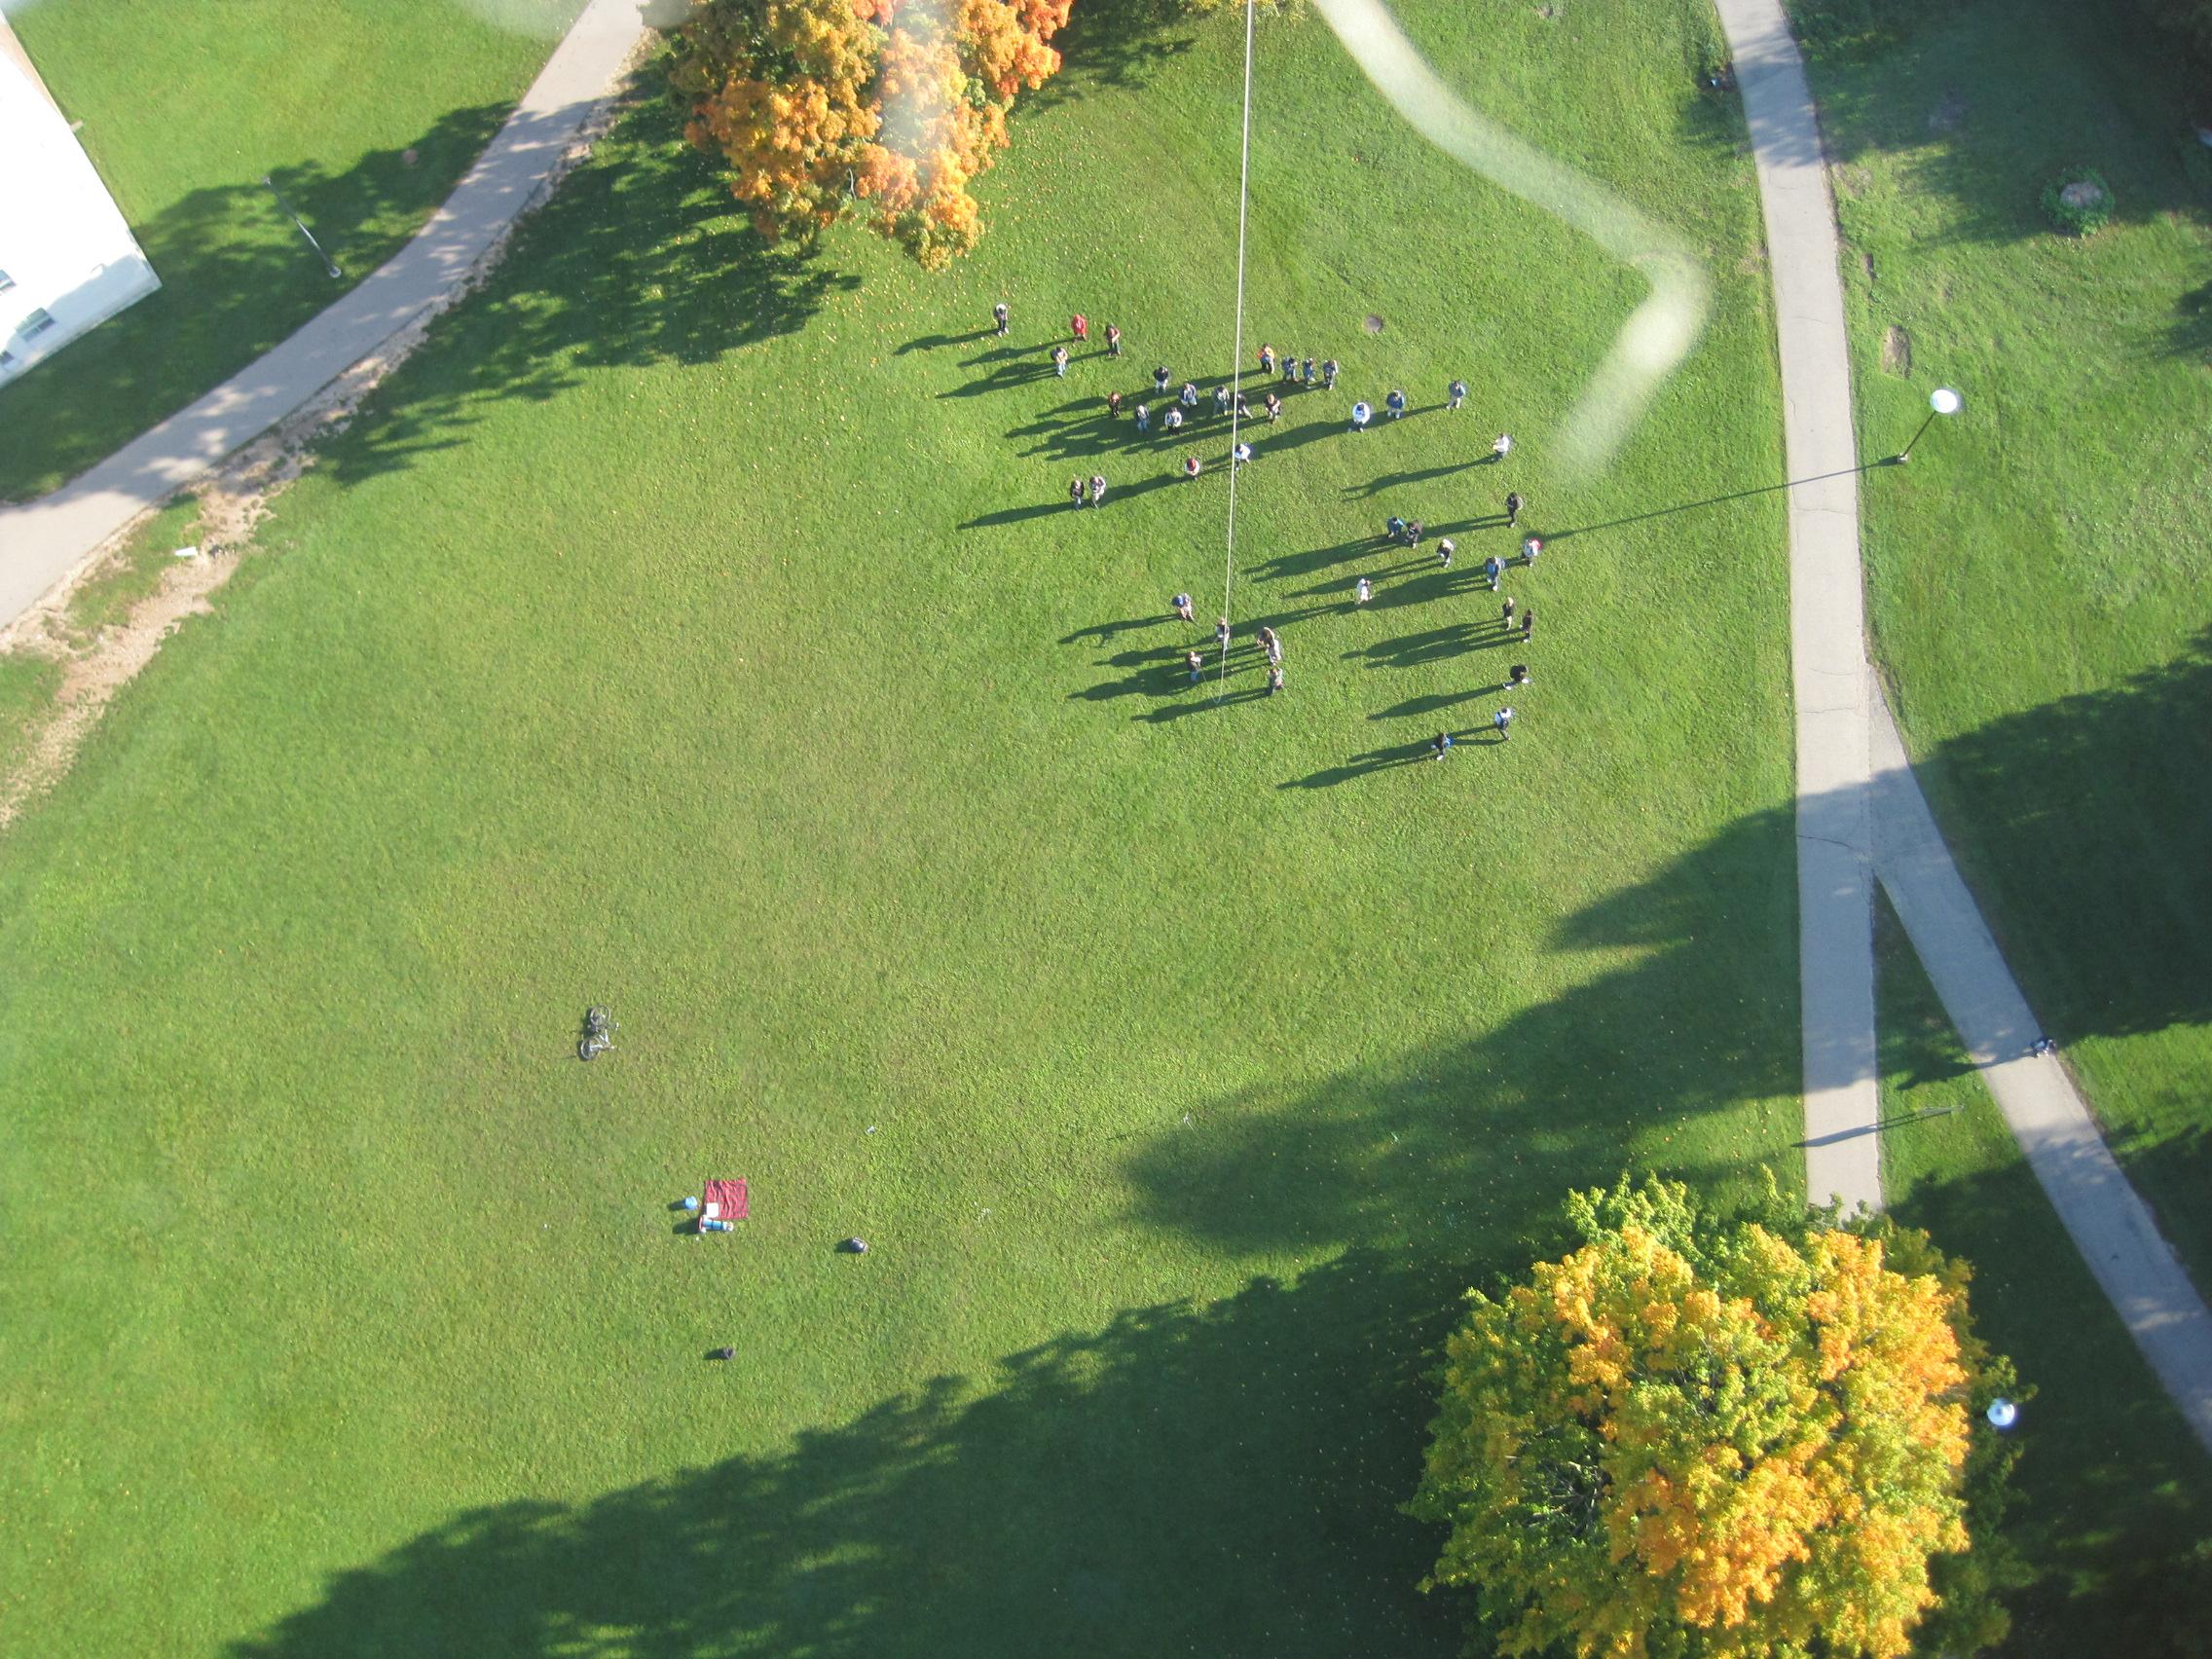 waterloo-campus-aerial-view